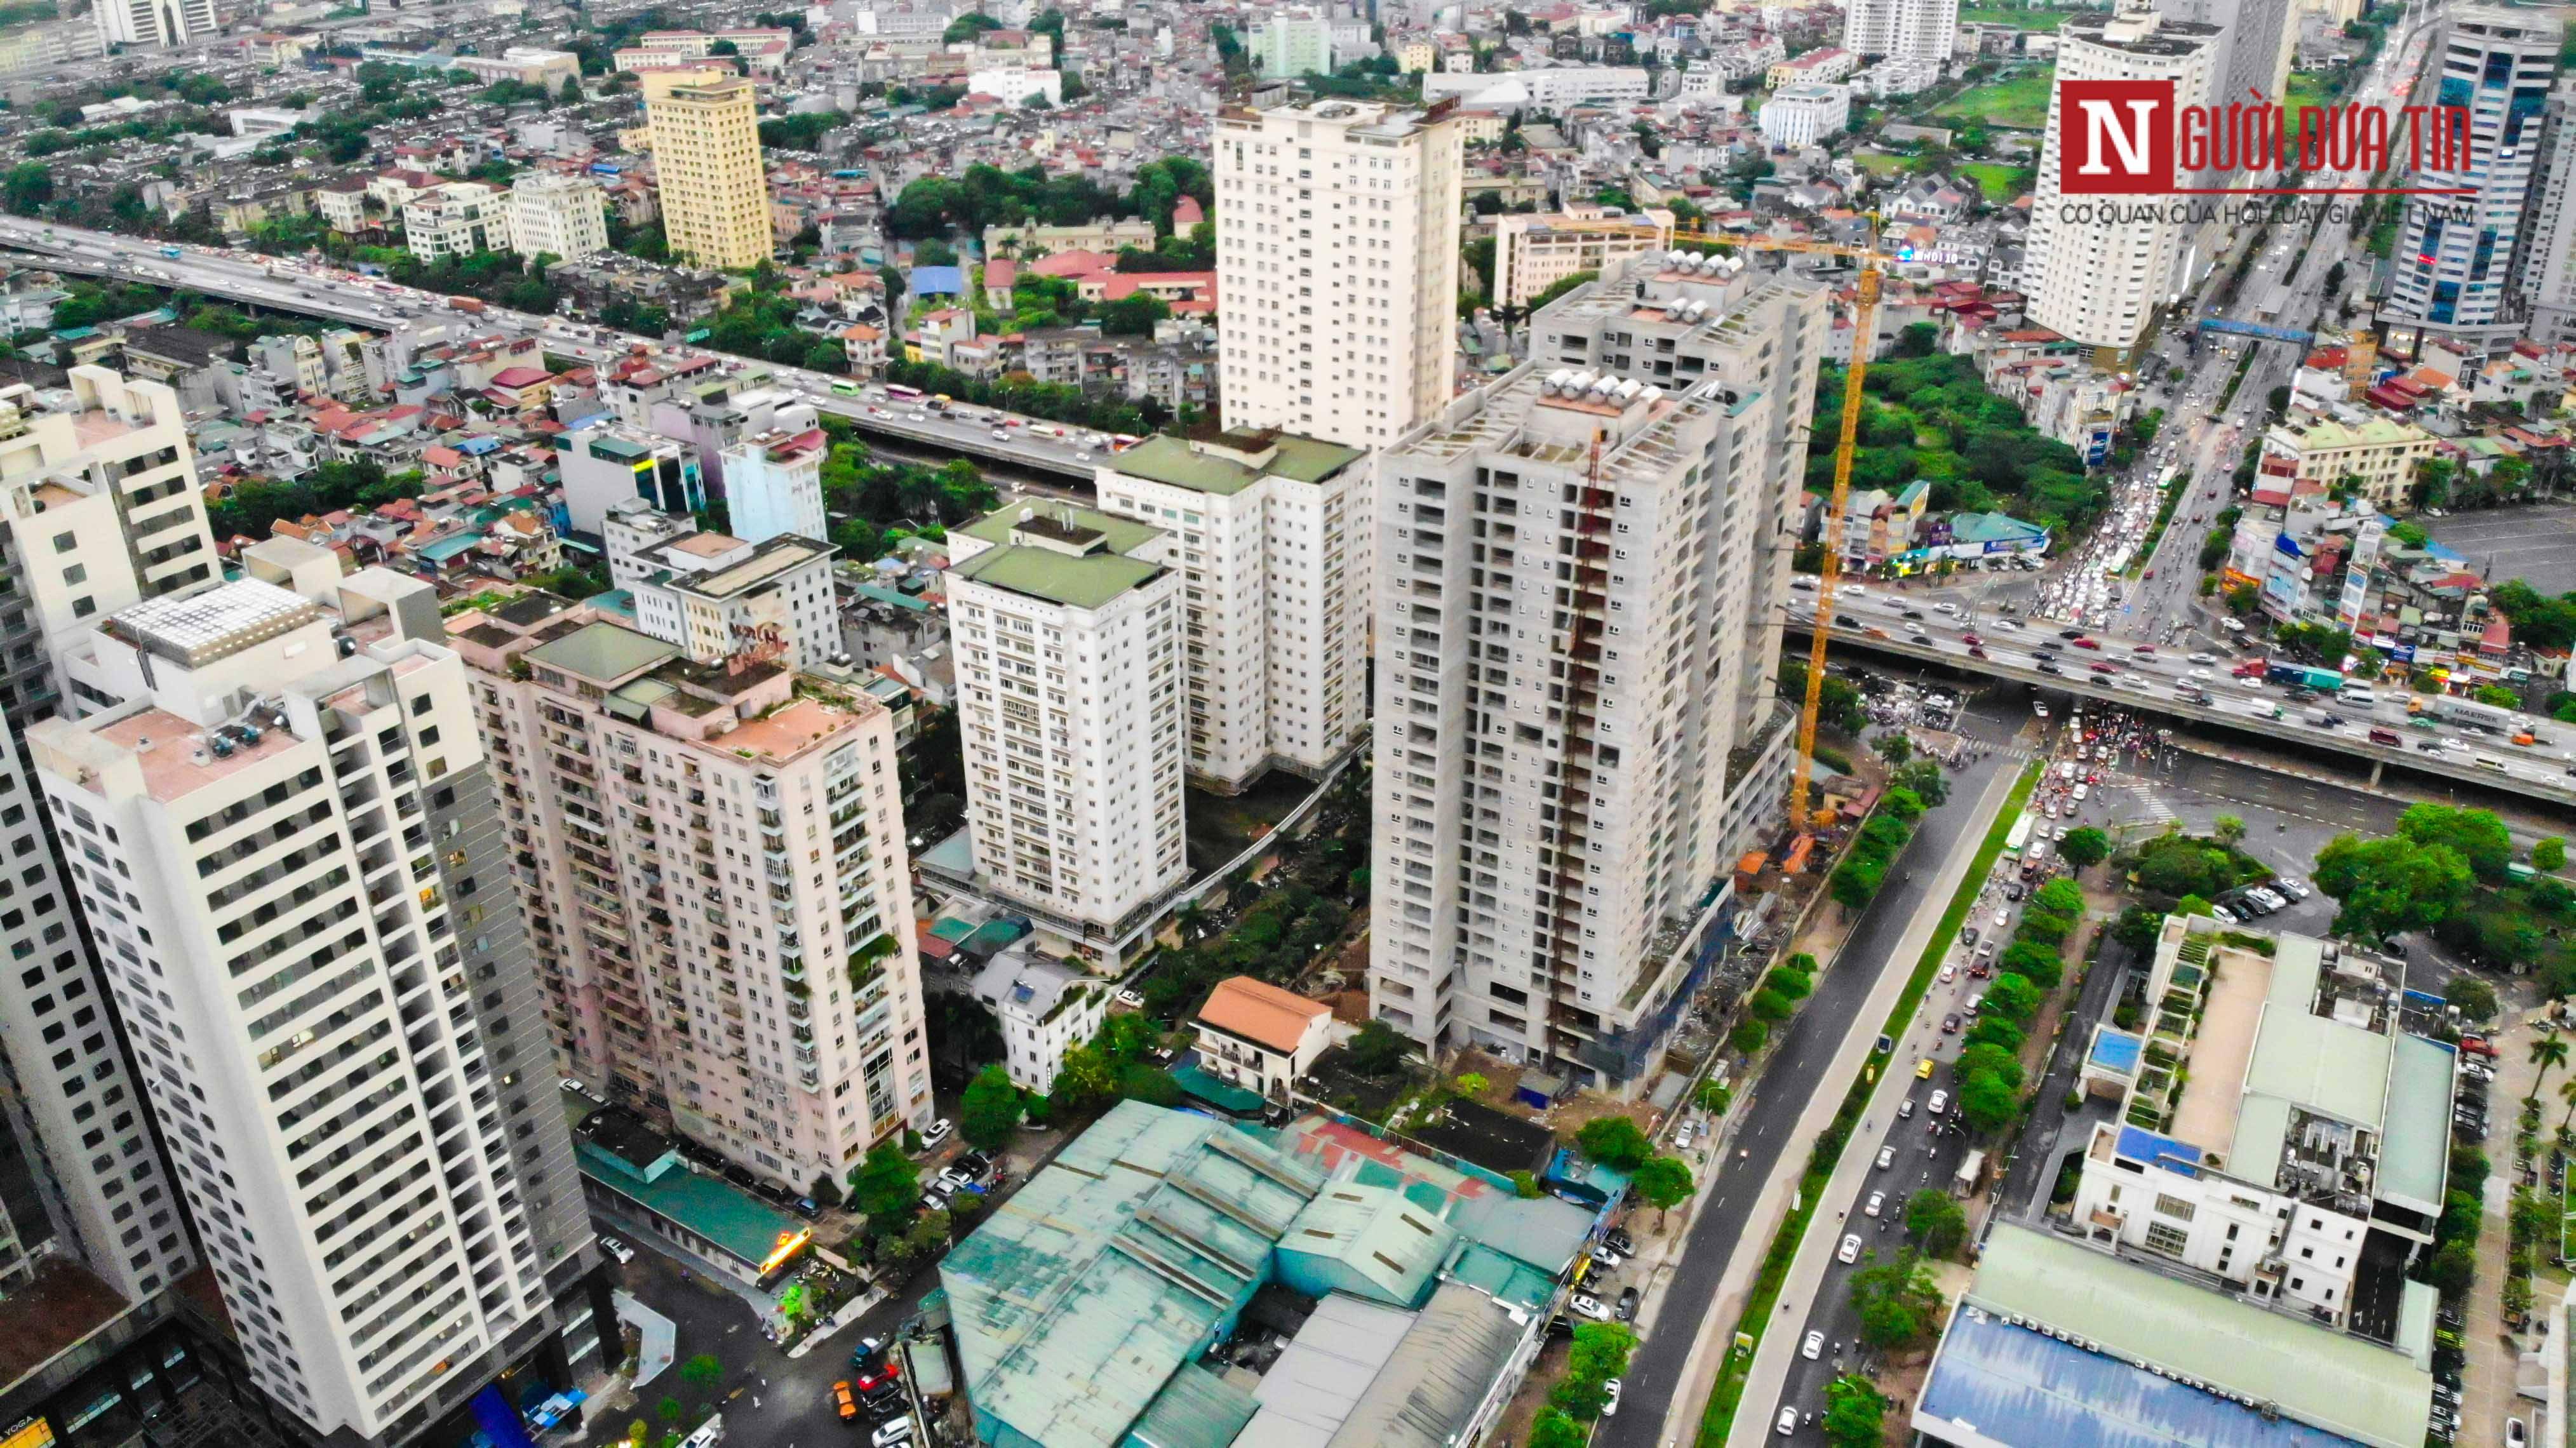 Bất động sản - Cận cảnh tuyến đường dài 2km cõng tới 40 toà nhà cao ốc tại Thủ đô (Hình 2).